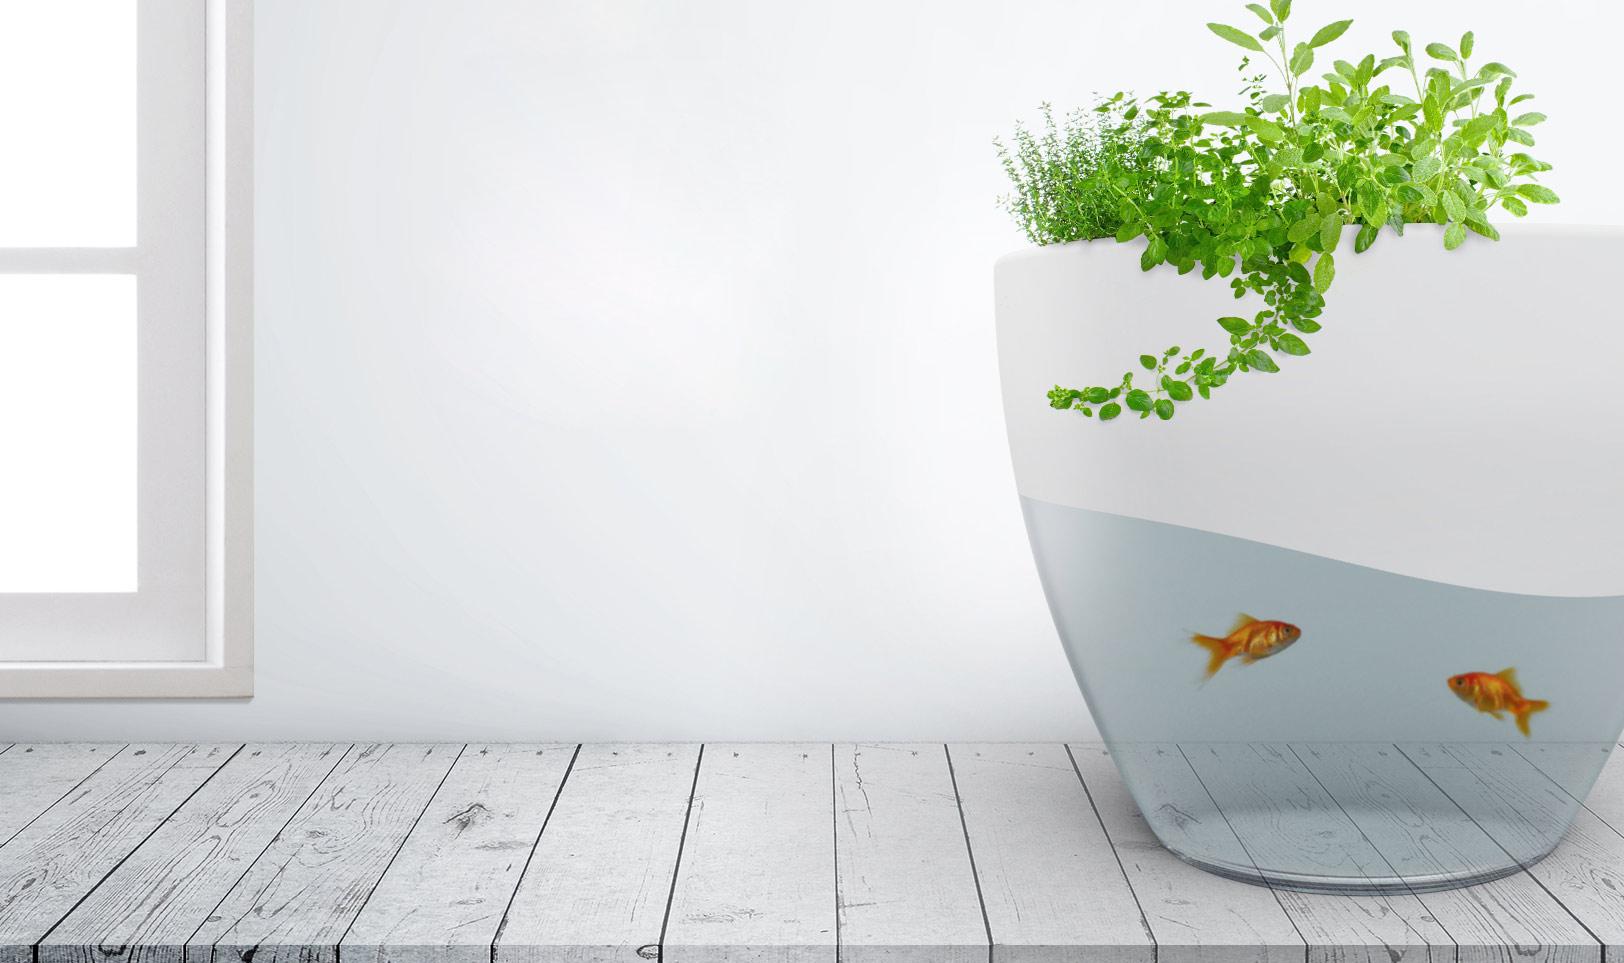 vegua_aquarium_home